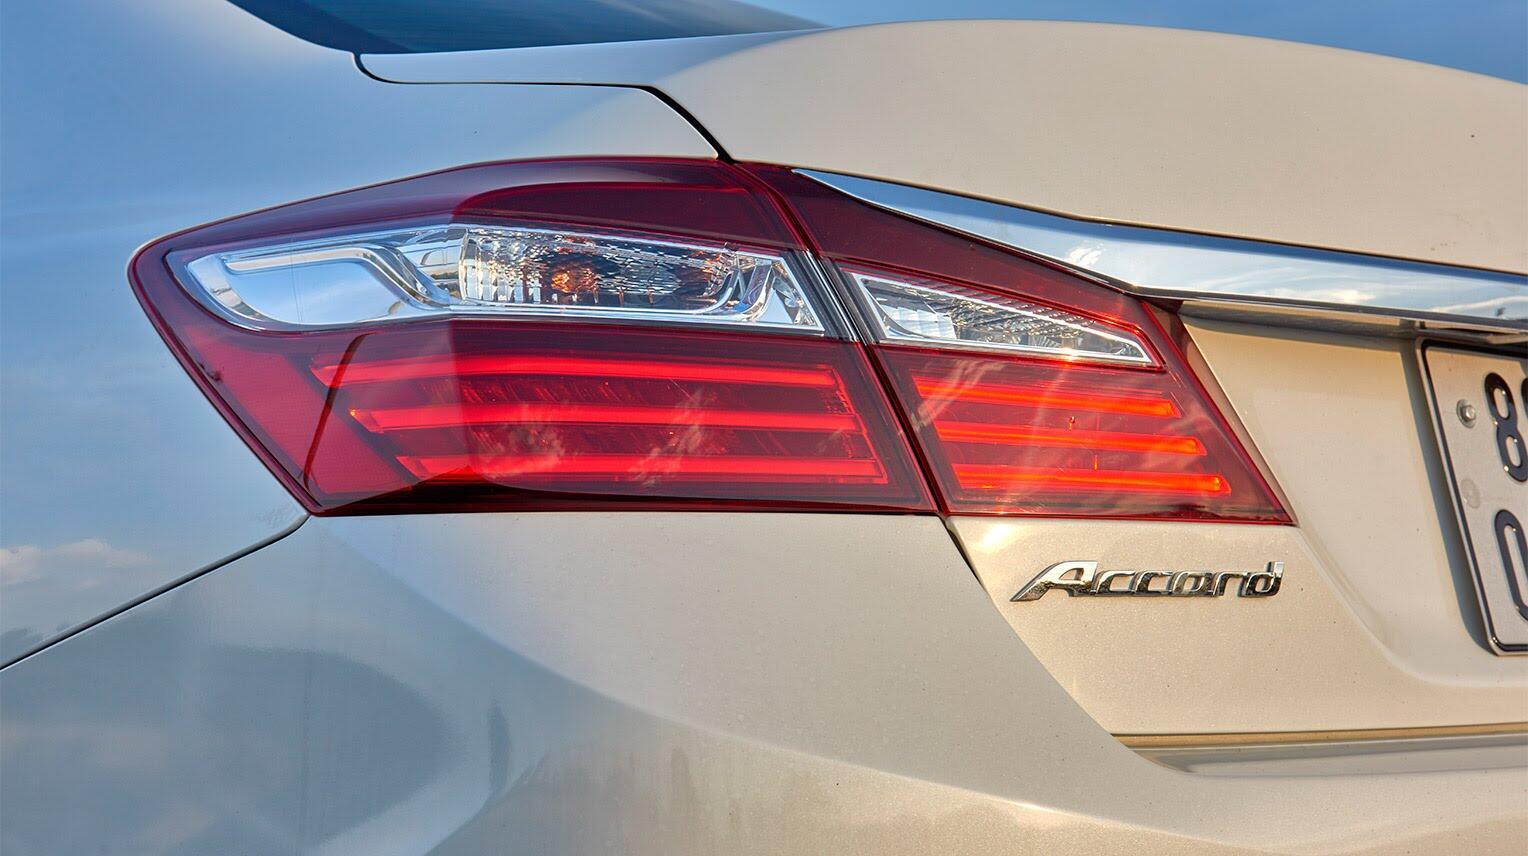 Đánh giá Honda Accord 2016: Ưa nhìn hơn, trang bị tốt hơn và lái phấn khích hơn - Hình 3